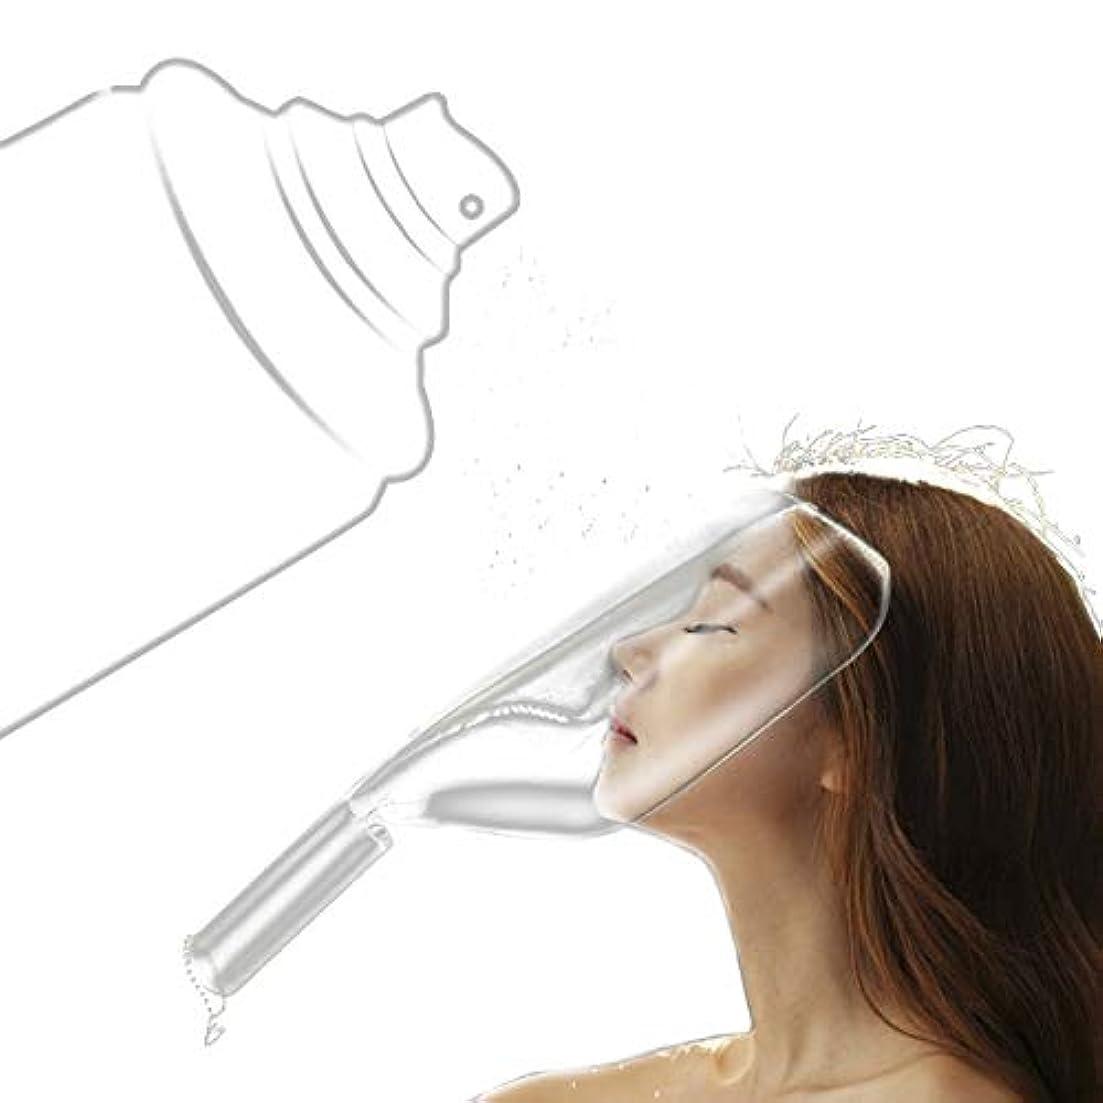 処分したシェトランド諸島何故なのZHER-LU 散髪 フェイスカバー ヘアスプレーマスク フェイスガード スプレーシールド 美容院ヘアスプレーマスクシールド 理髪サロン 1ピース (ホワイト)